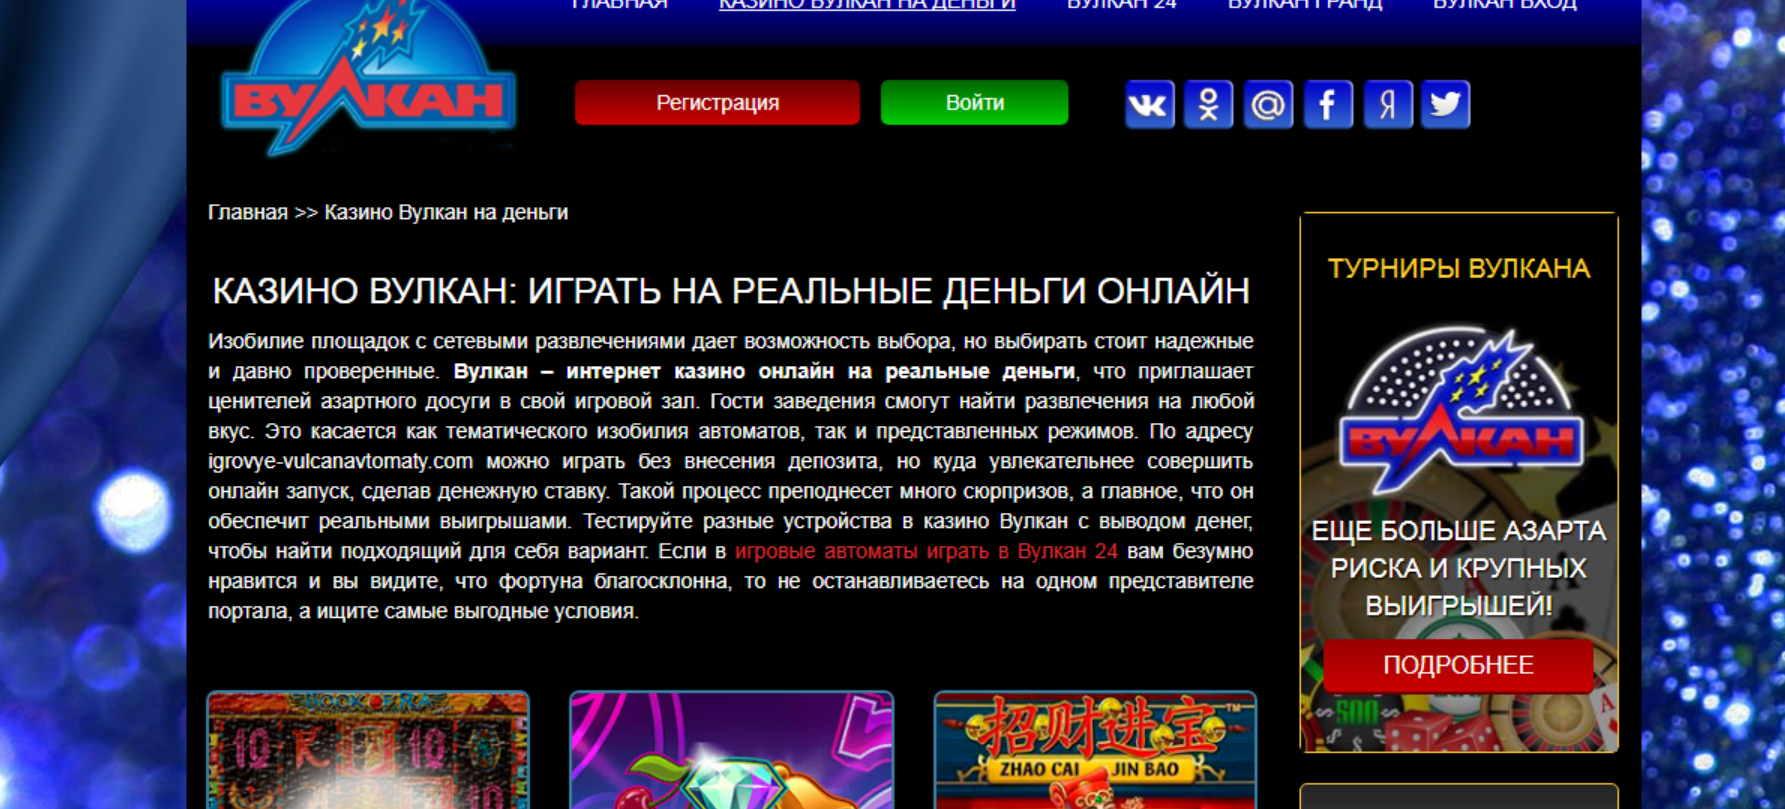 казино вулкан официальный сайт википедия